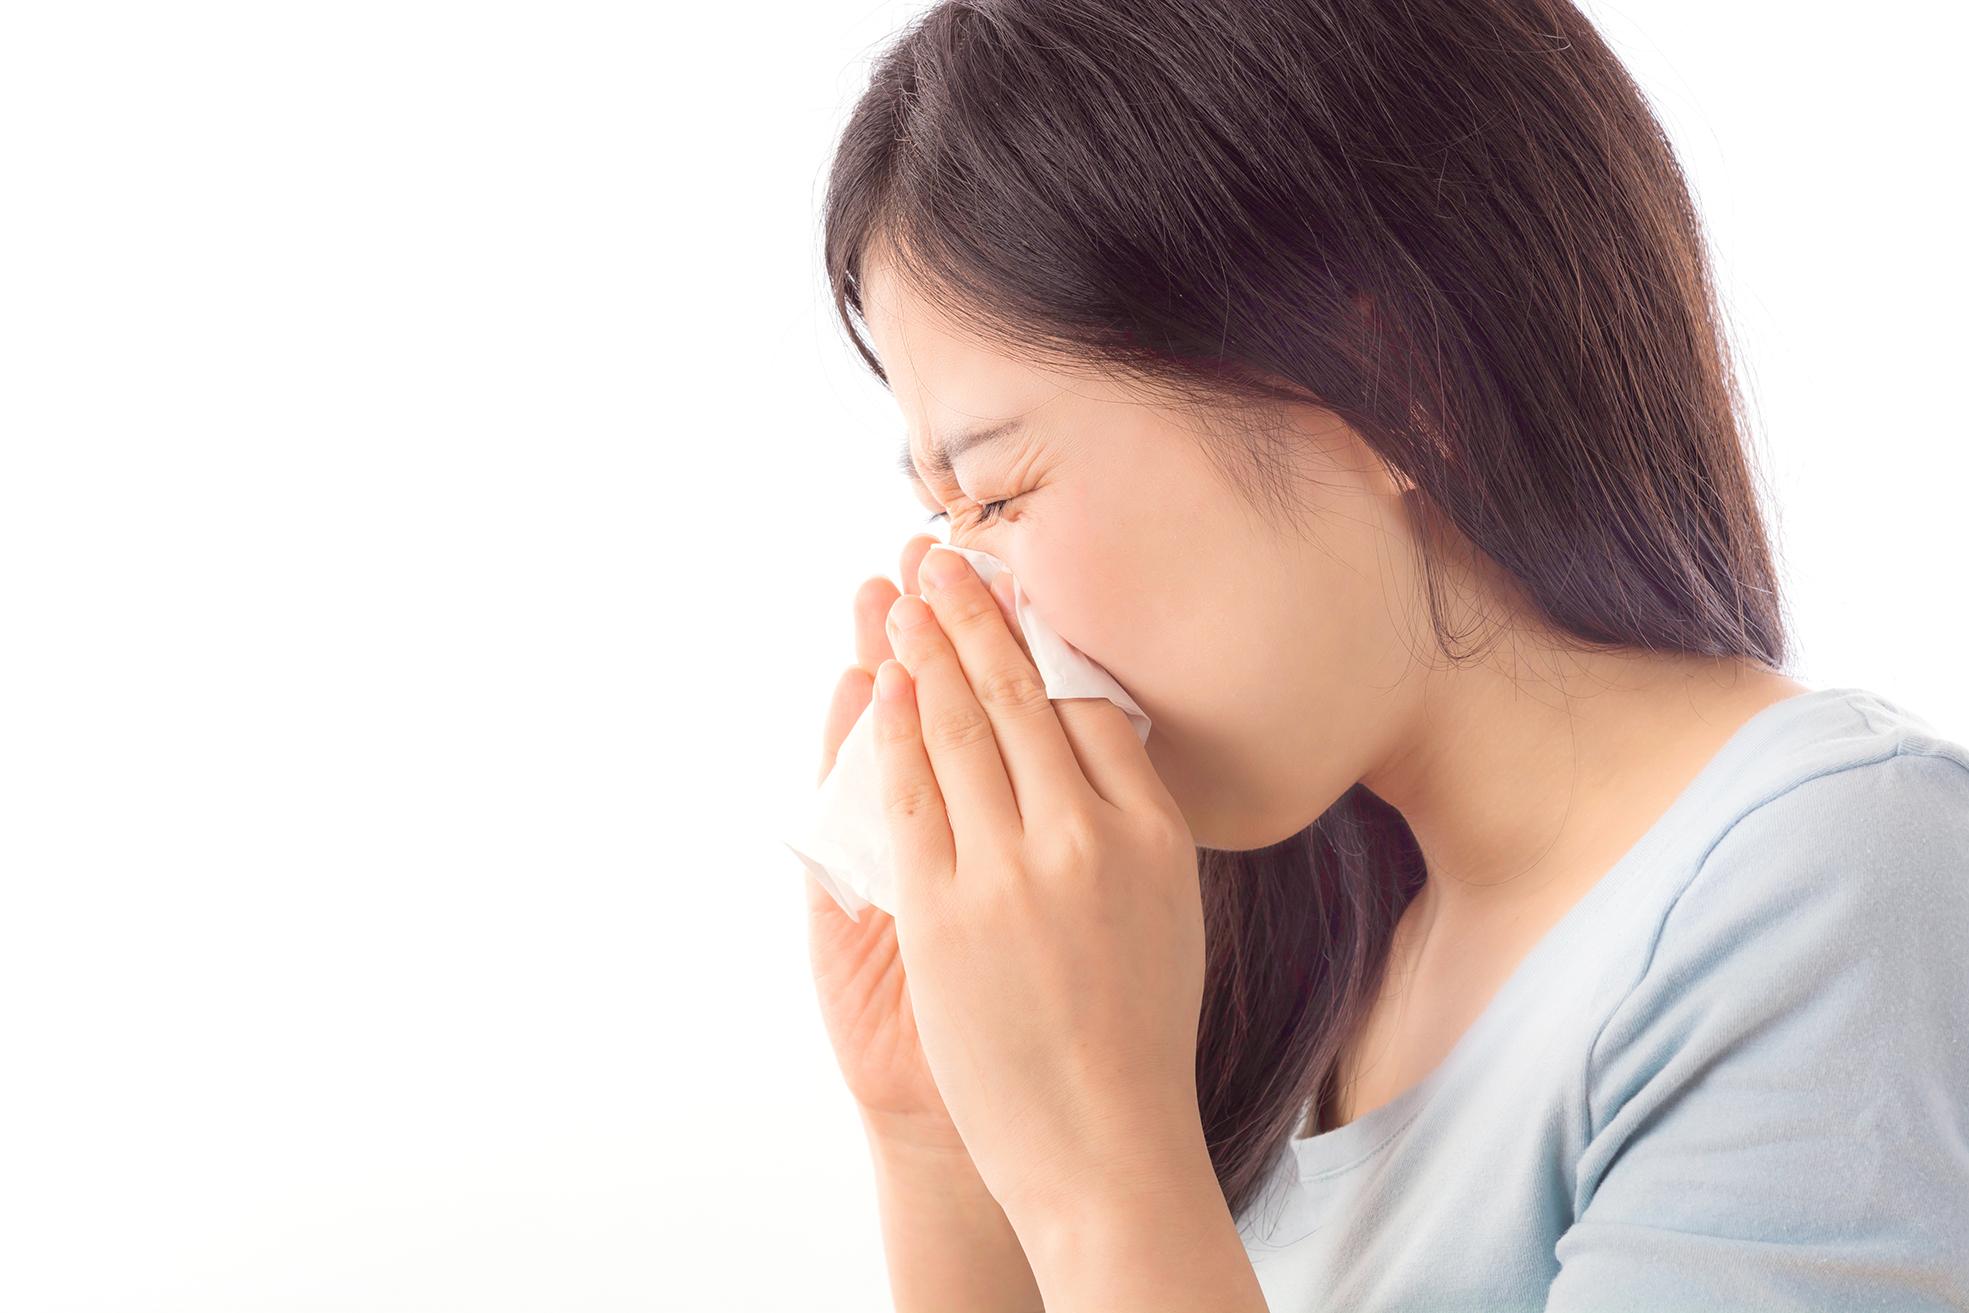 Evitar a exposição ao frio e consumo de alimentos gelados evita gripes e resfriados.